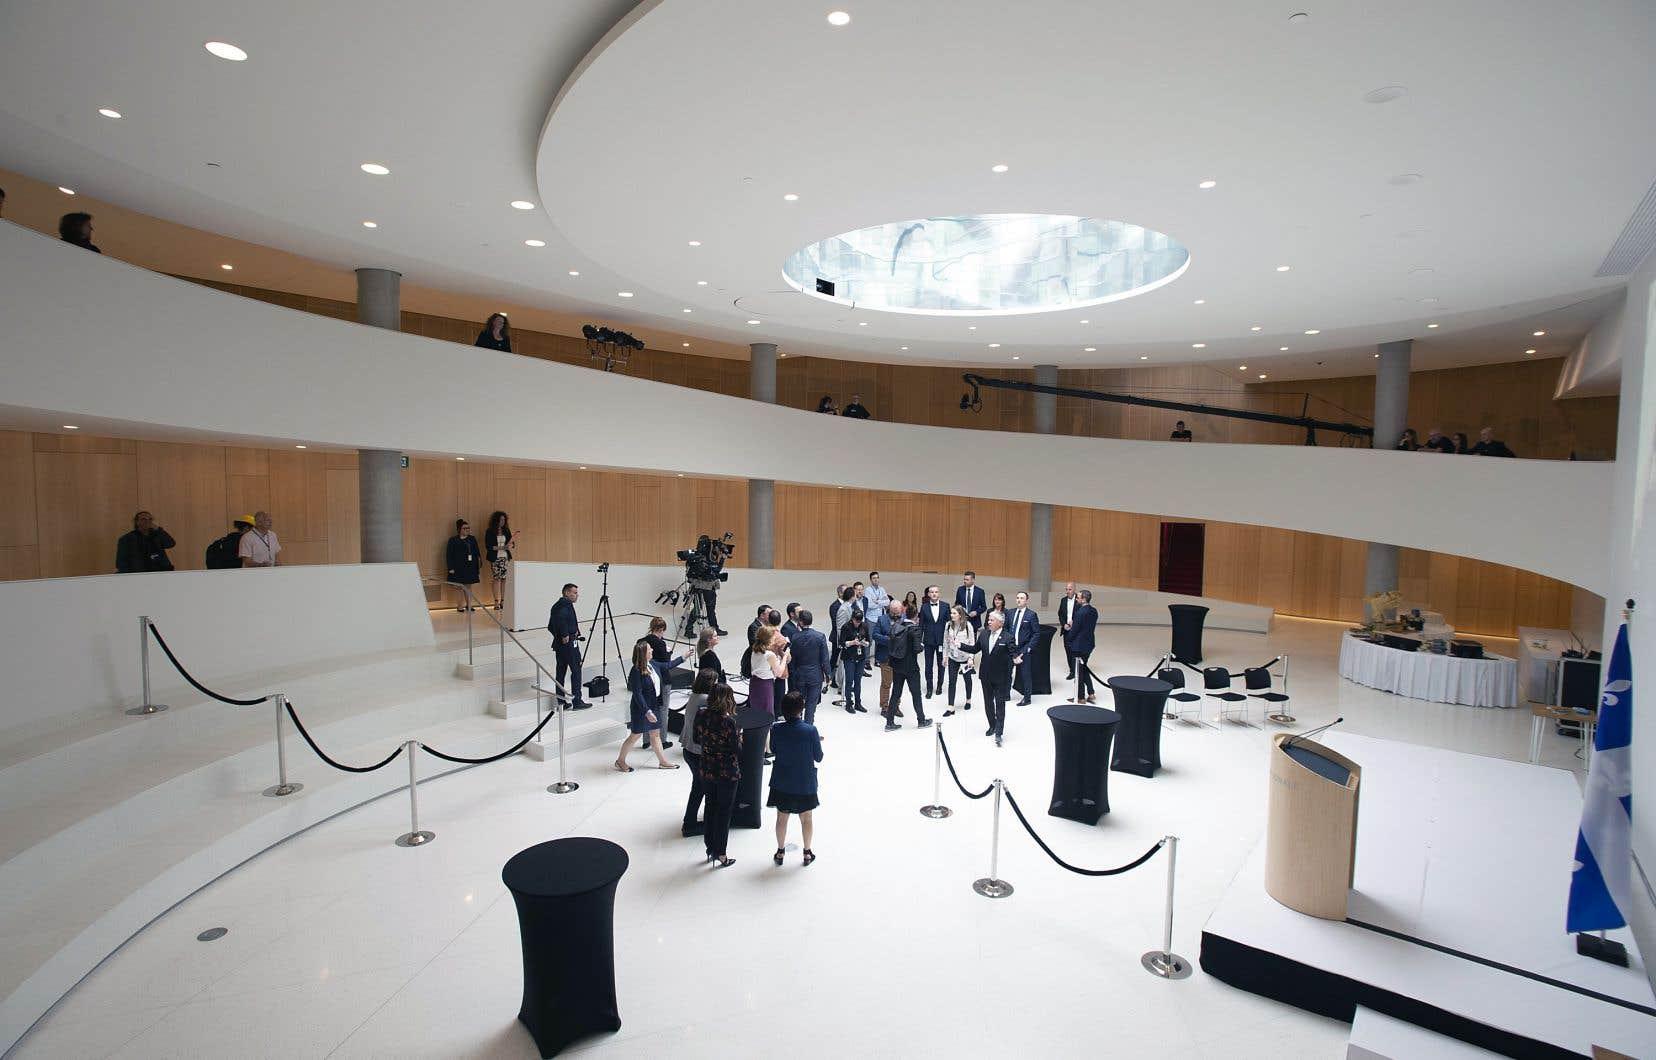 Le nouveau pavillon de l'Assemblée nationale, la «Maison des citoyens», a été inauguré mercredi. Sur la photo, le président de l'Assemblée nationale, François Paradis, fait visiter à des journalistes une agora destinée aux activités citoyennes. Cette salle est surplombée d'un puits de lumière circulaire.